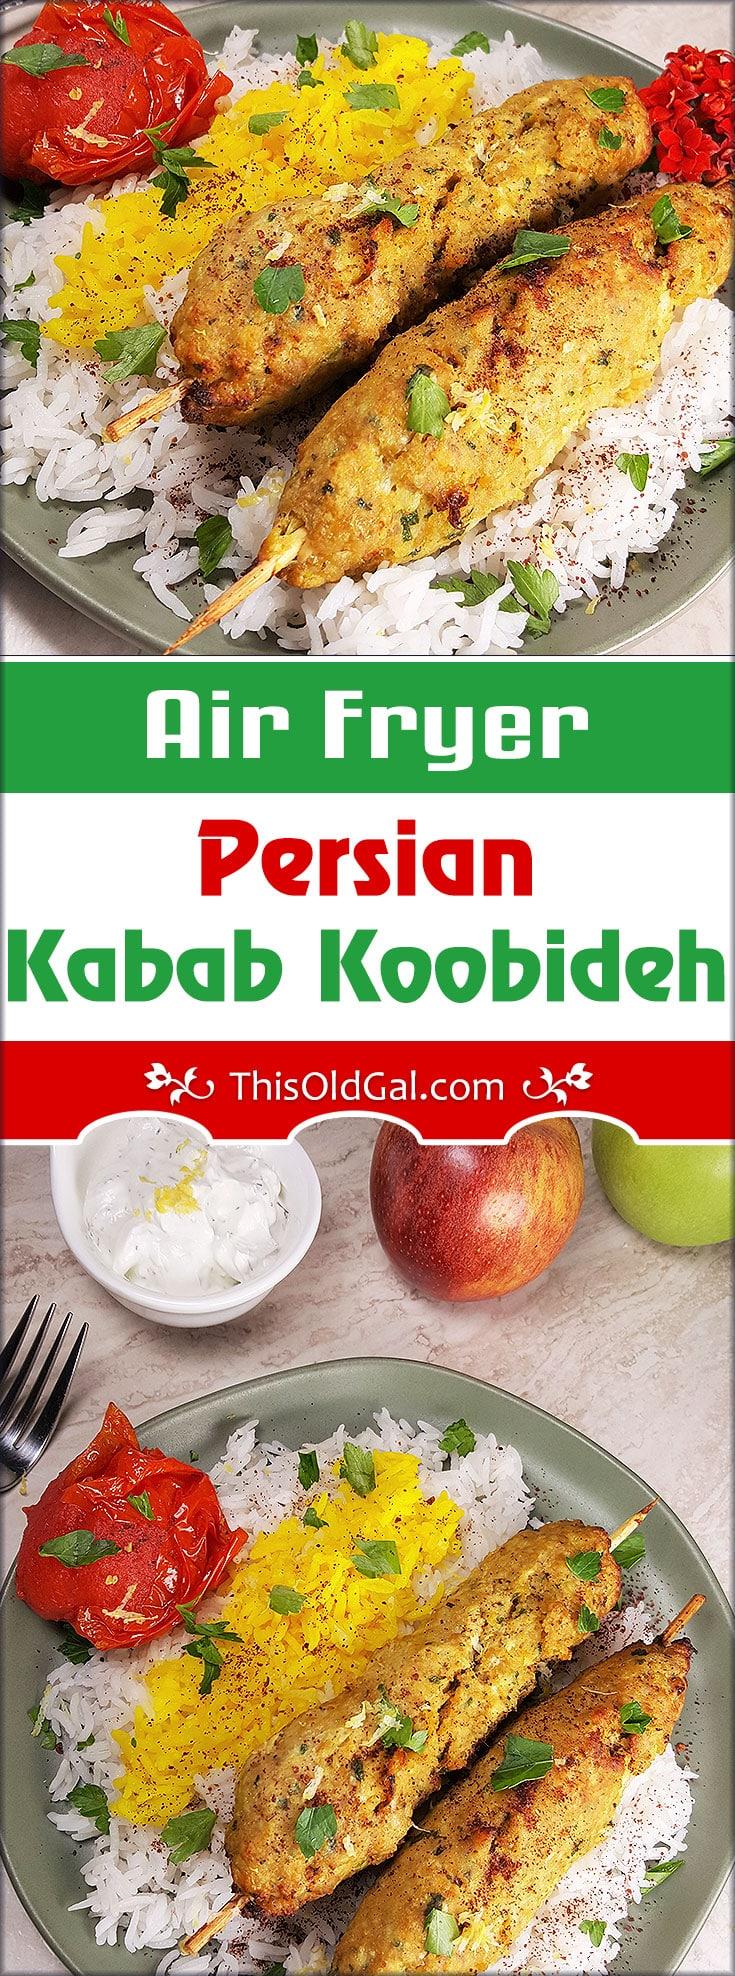 Air Fryer Persian Kabab Koobideh In the Air Fryer